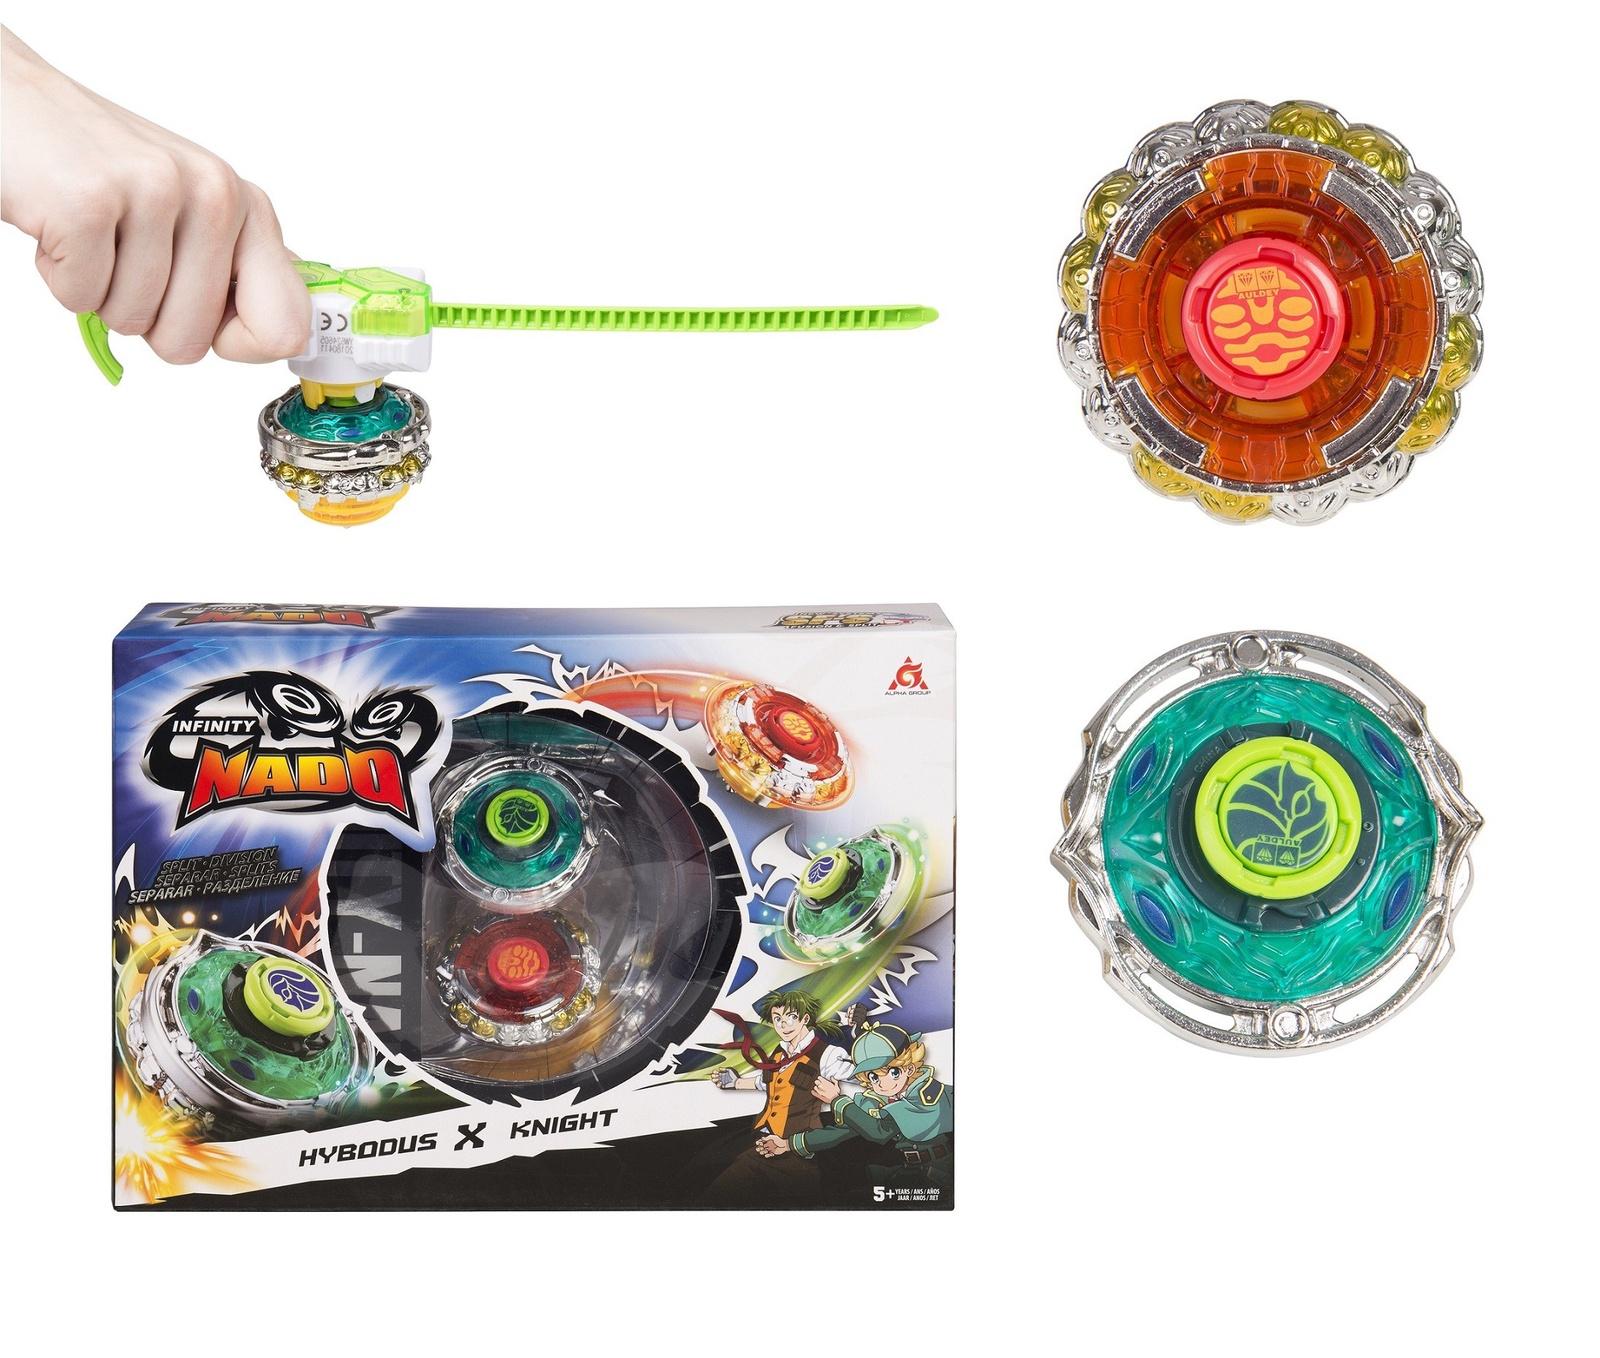 Пусковая игрушка Инфинити Надо Волчок Hybodus&Knight, серия Сплит